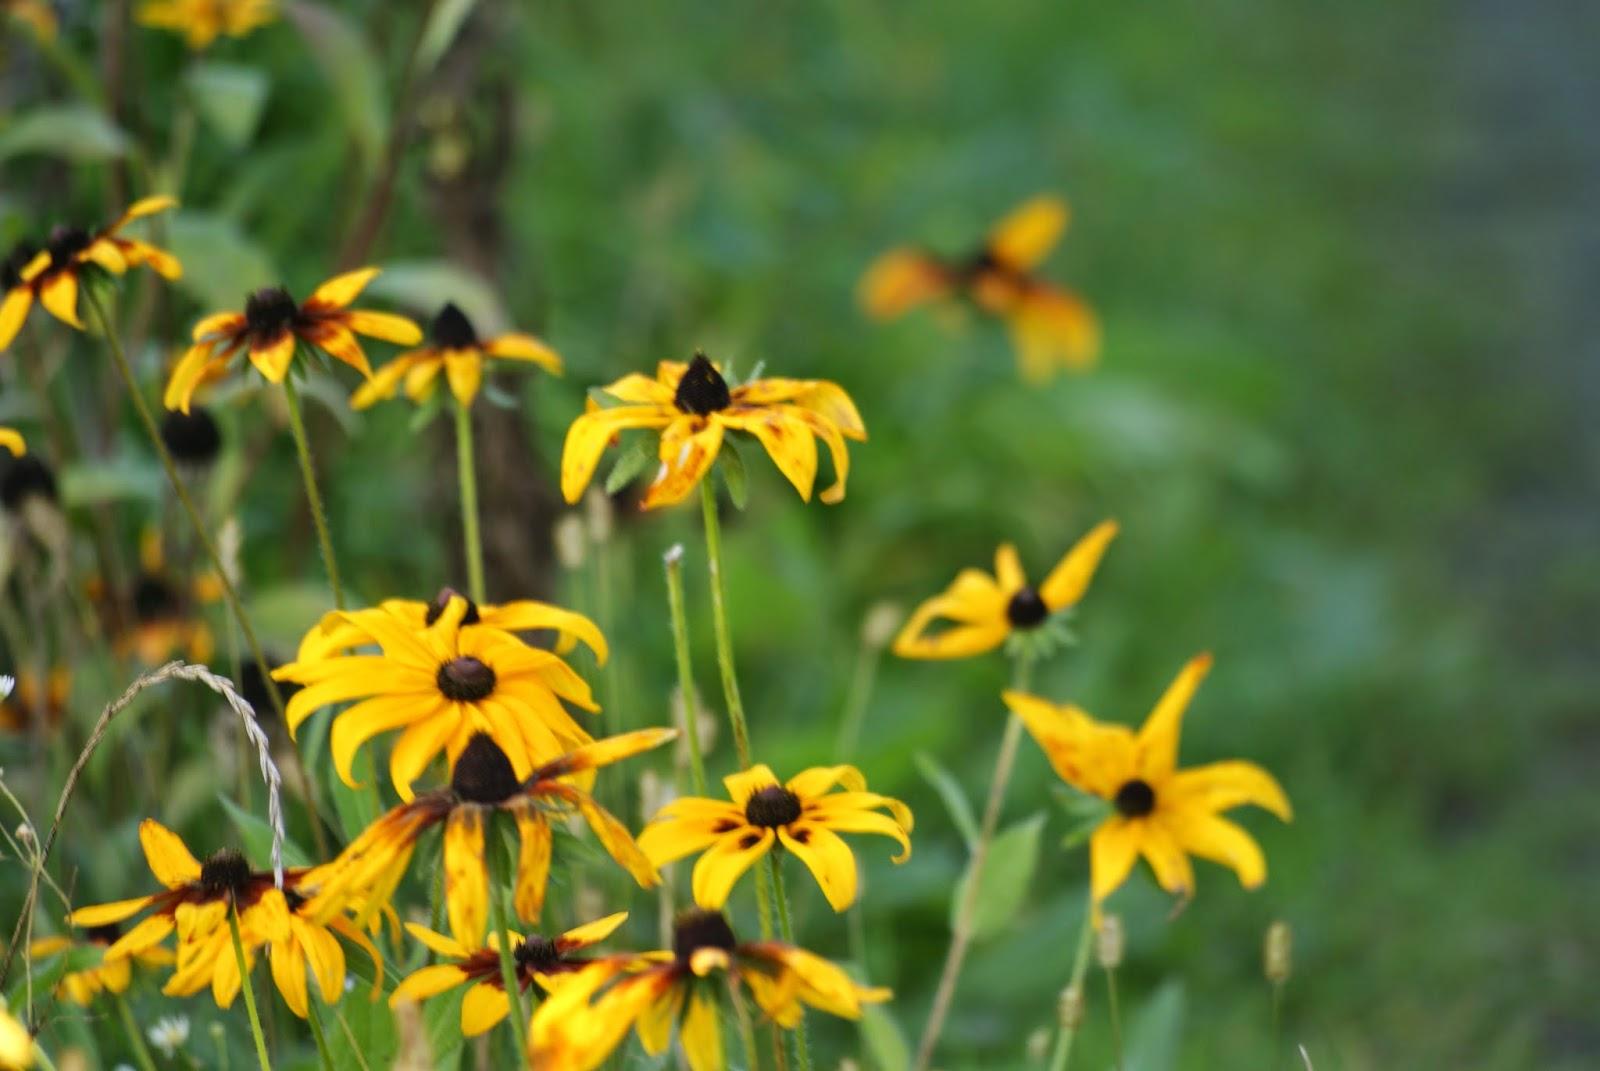 ładne żółte kwiaty jesień zdjęcie yellow flowers